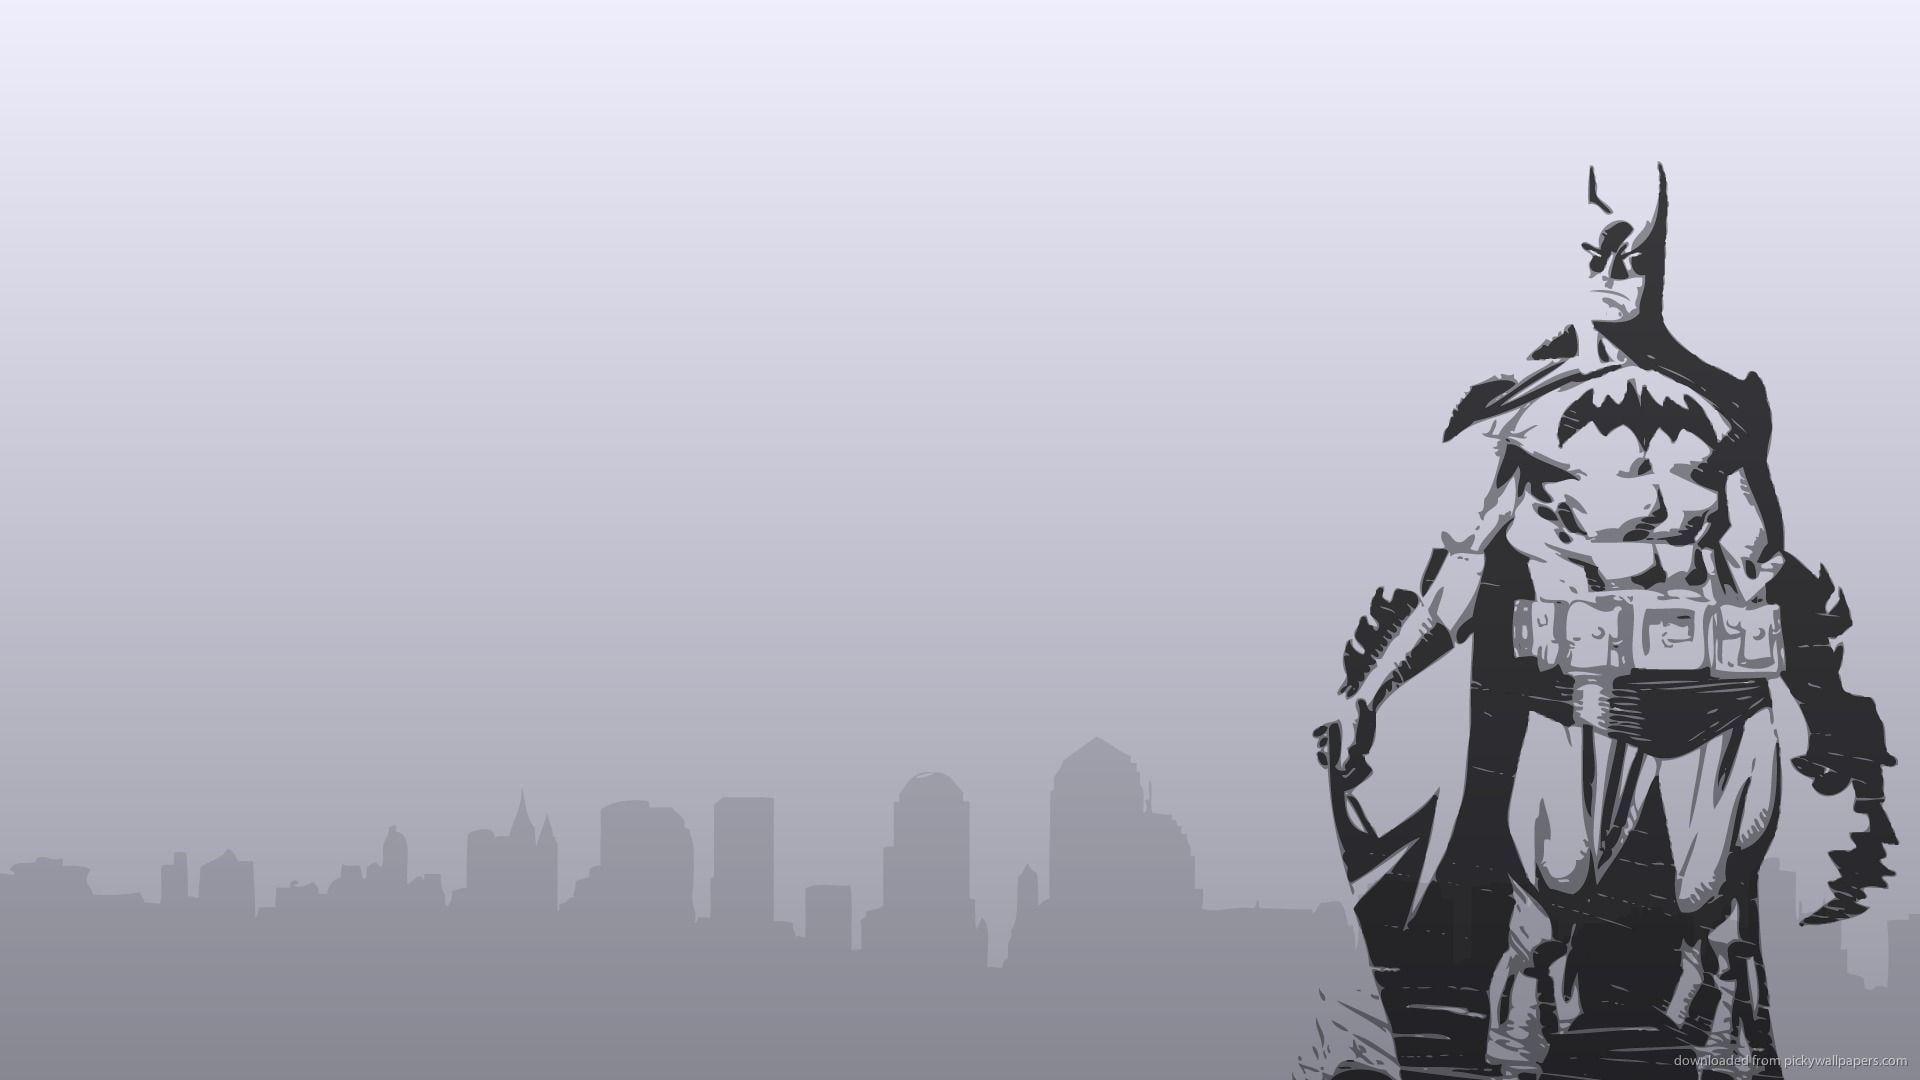 Batman images